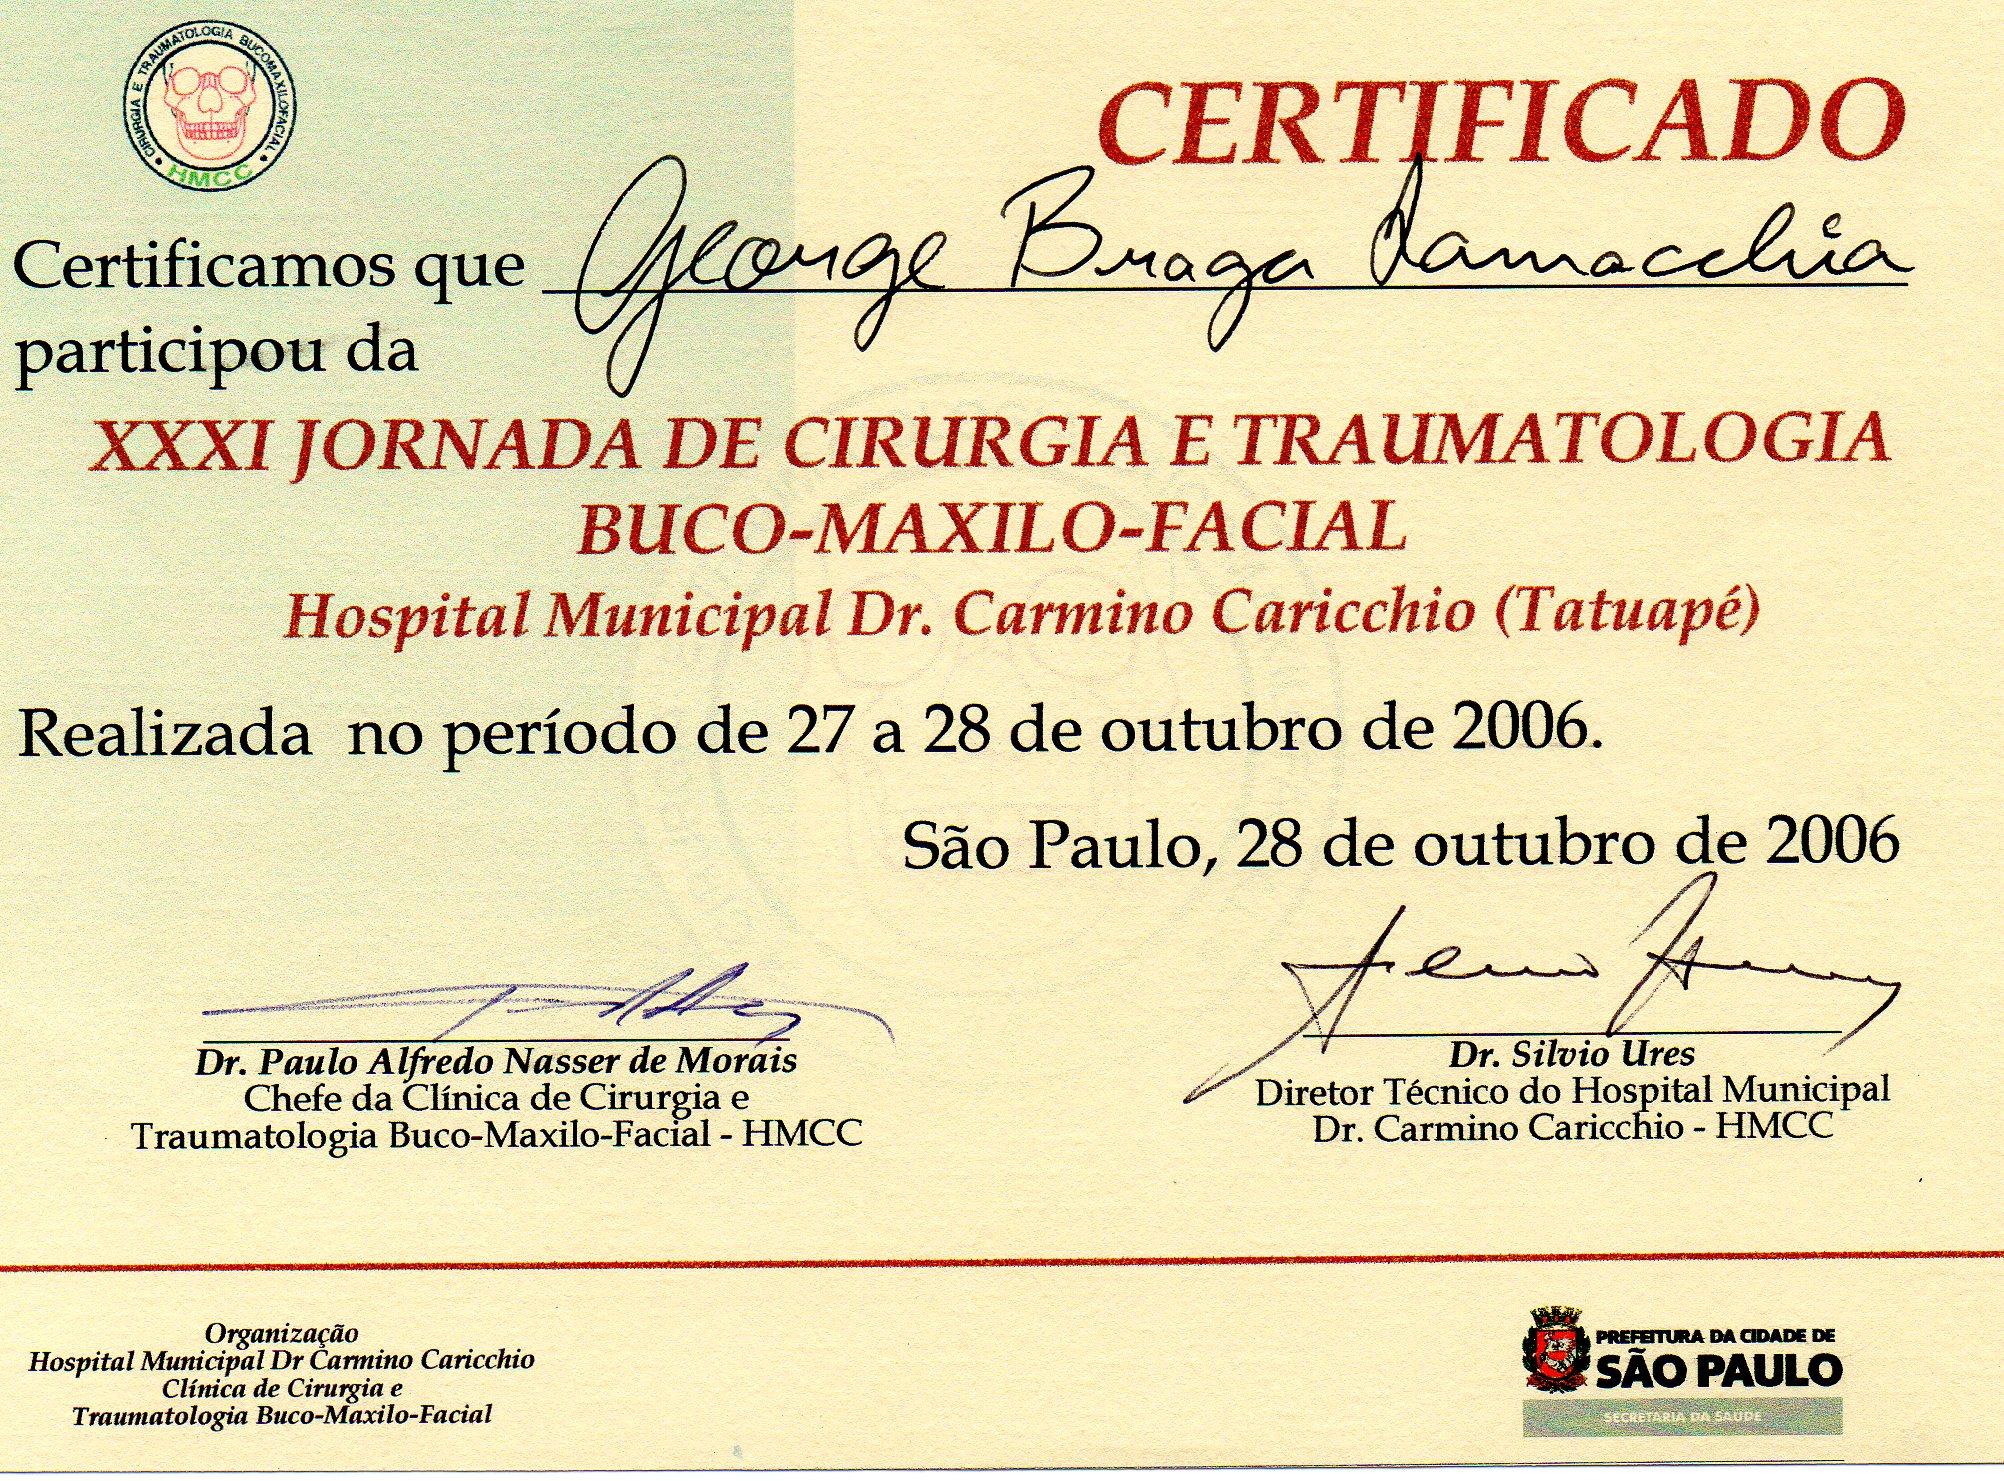 Diploma - Jornada de Cirurgia e Traumatologia BucoMaxiloFacial